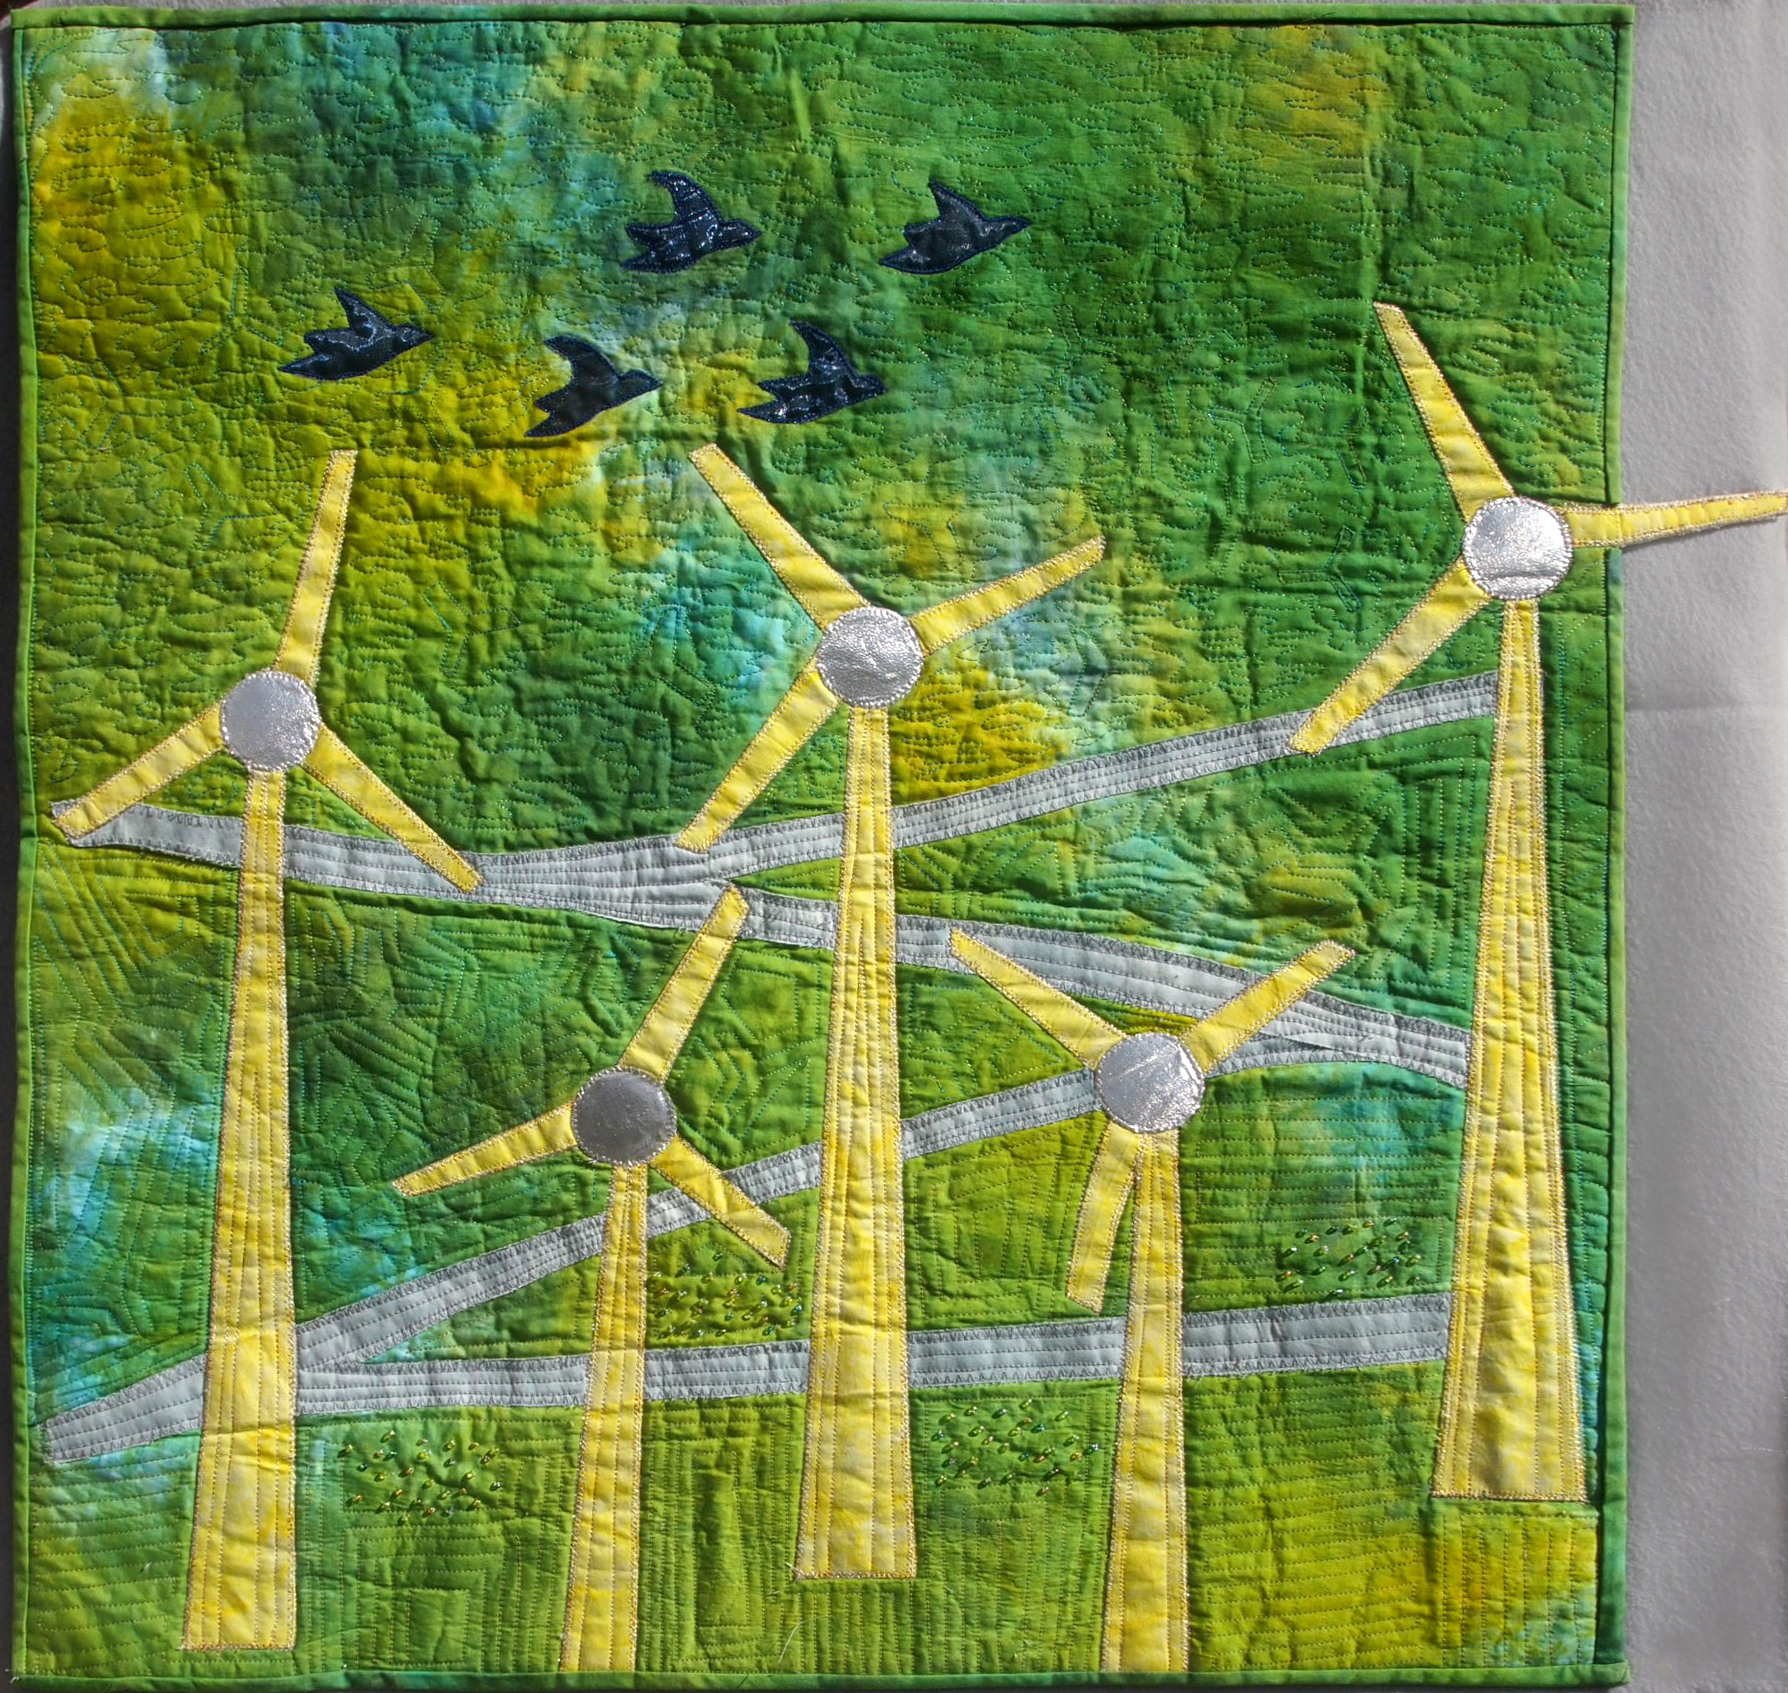 A Mighty Wind by Barbara Eisenstein